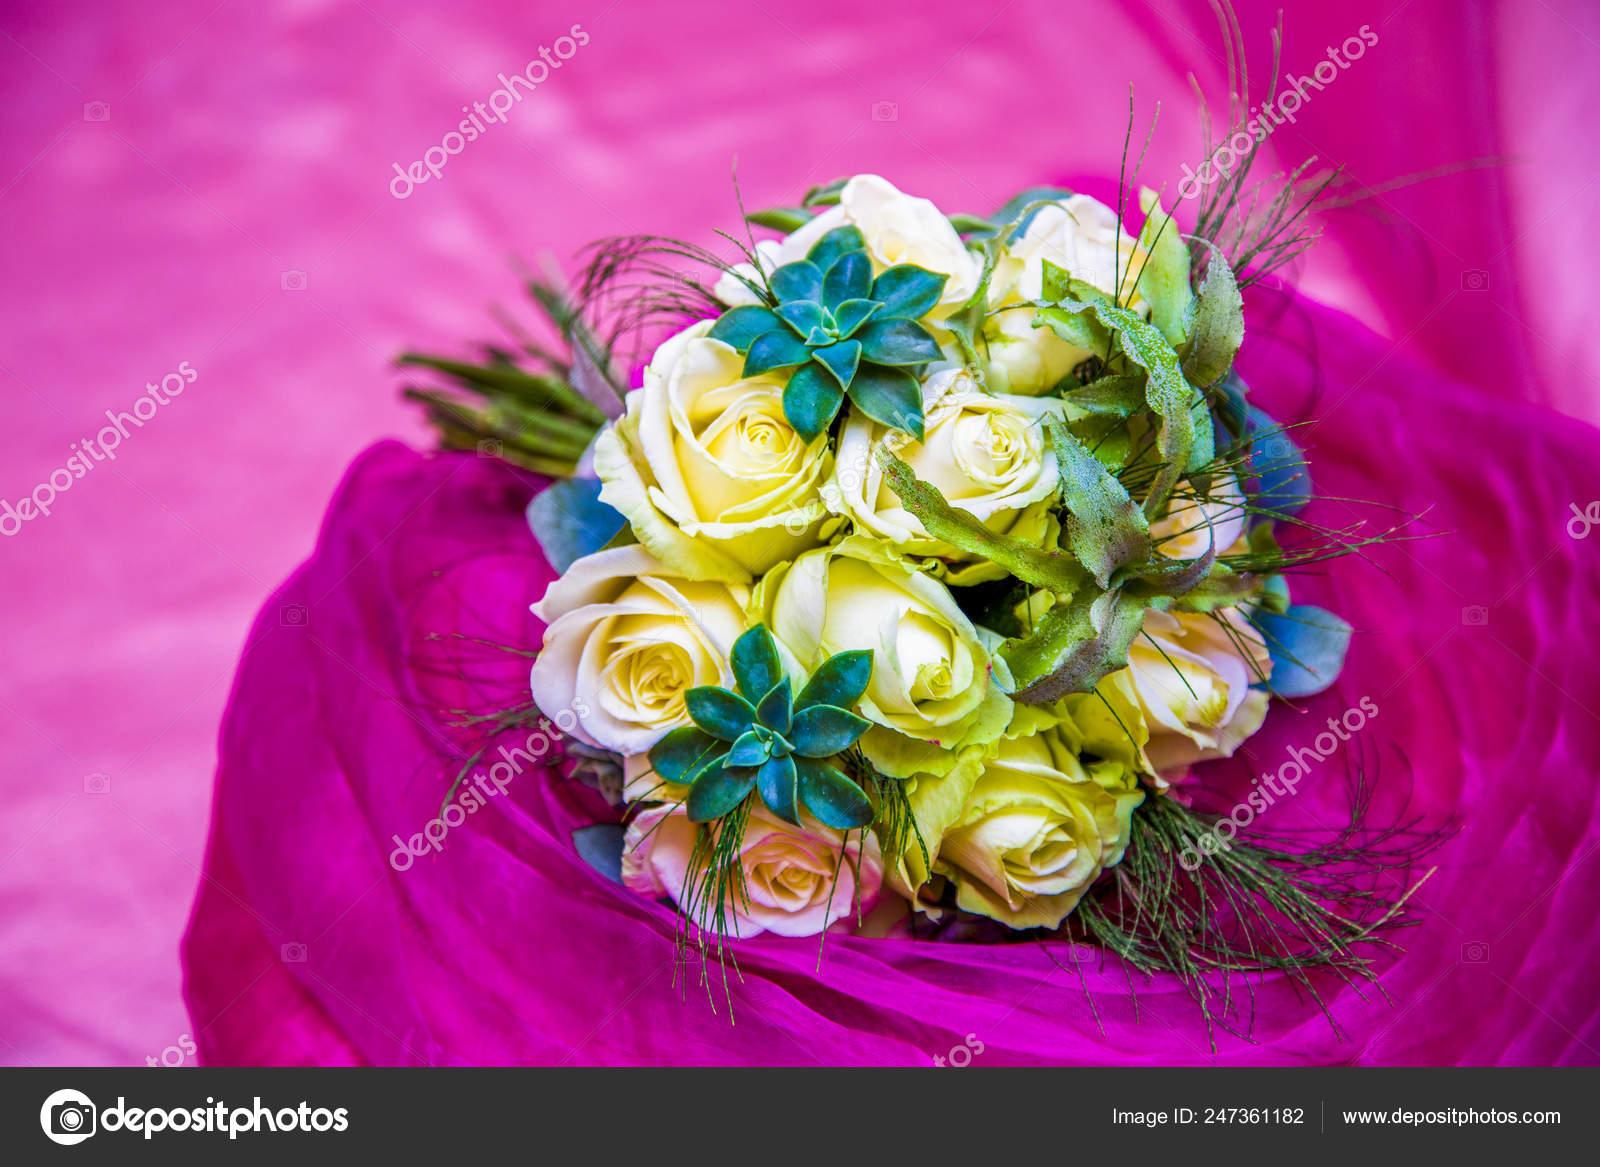 Bouquet White Roses Succulents Pink Background Stock Photo C Kiyechka 247361182